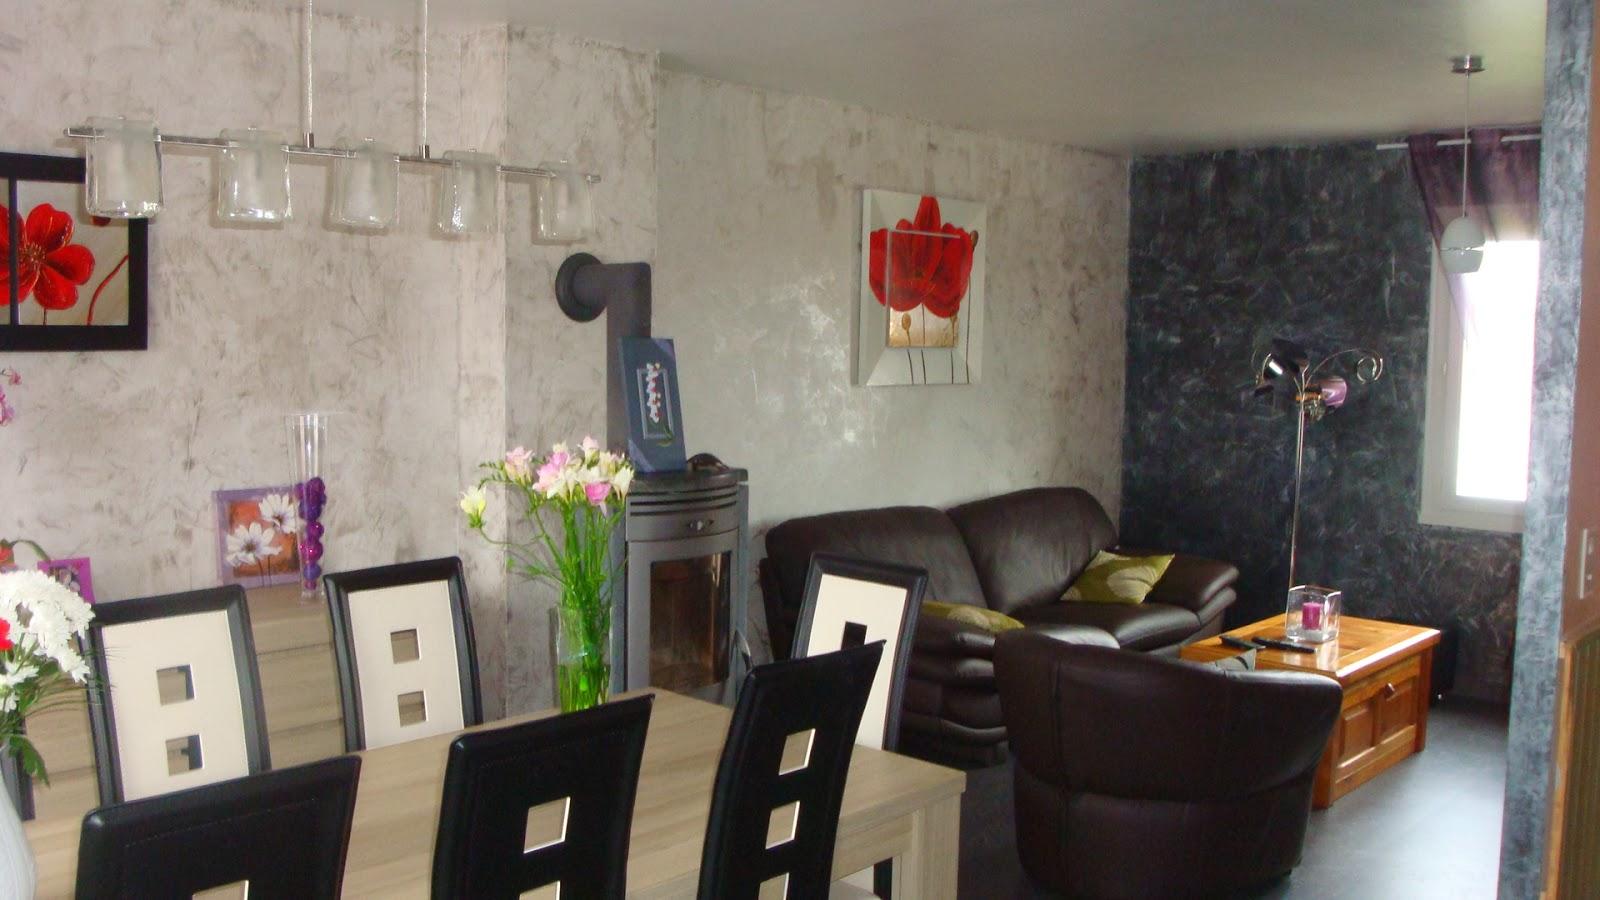 Michel le coz agencement d coration enduit d coratif s jour - Enduit decoratif cuisine ...